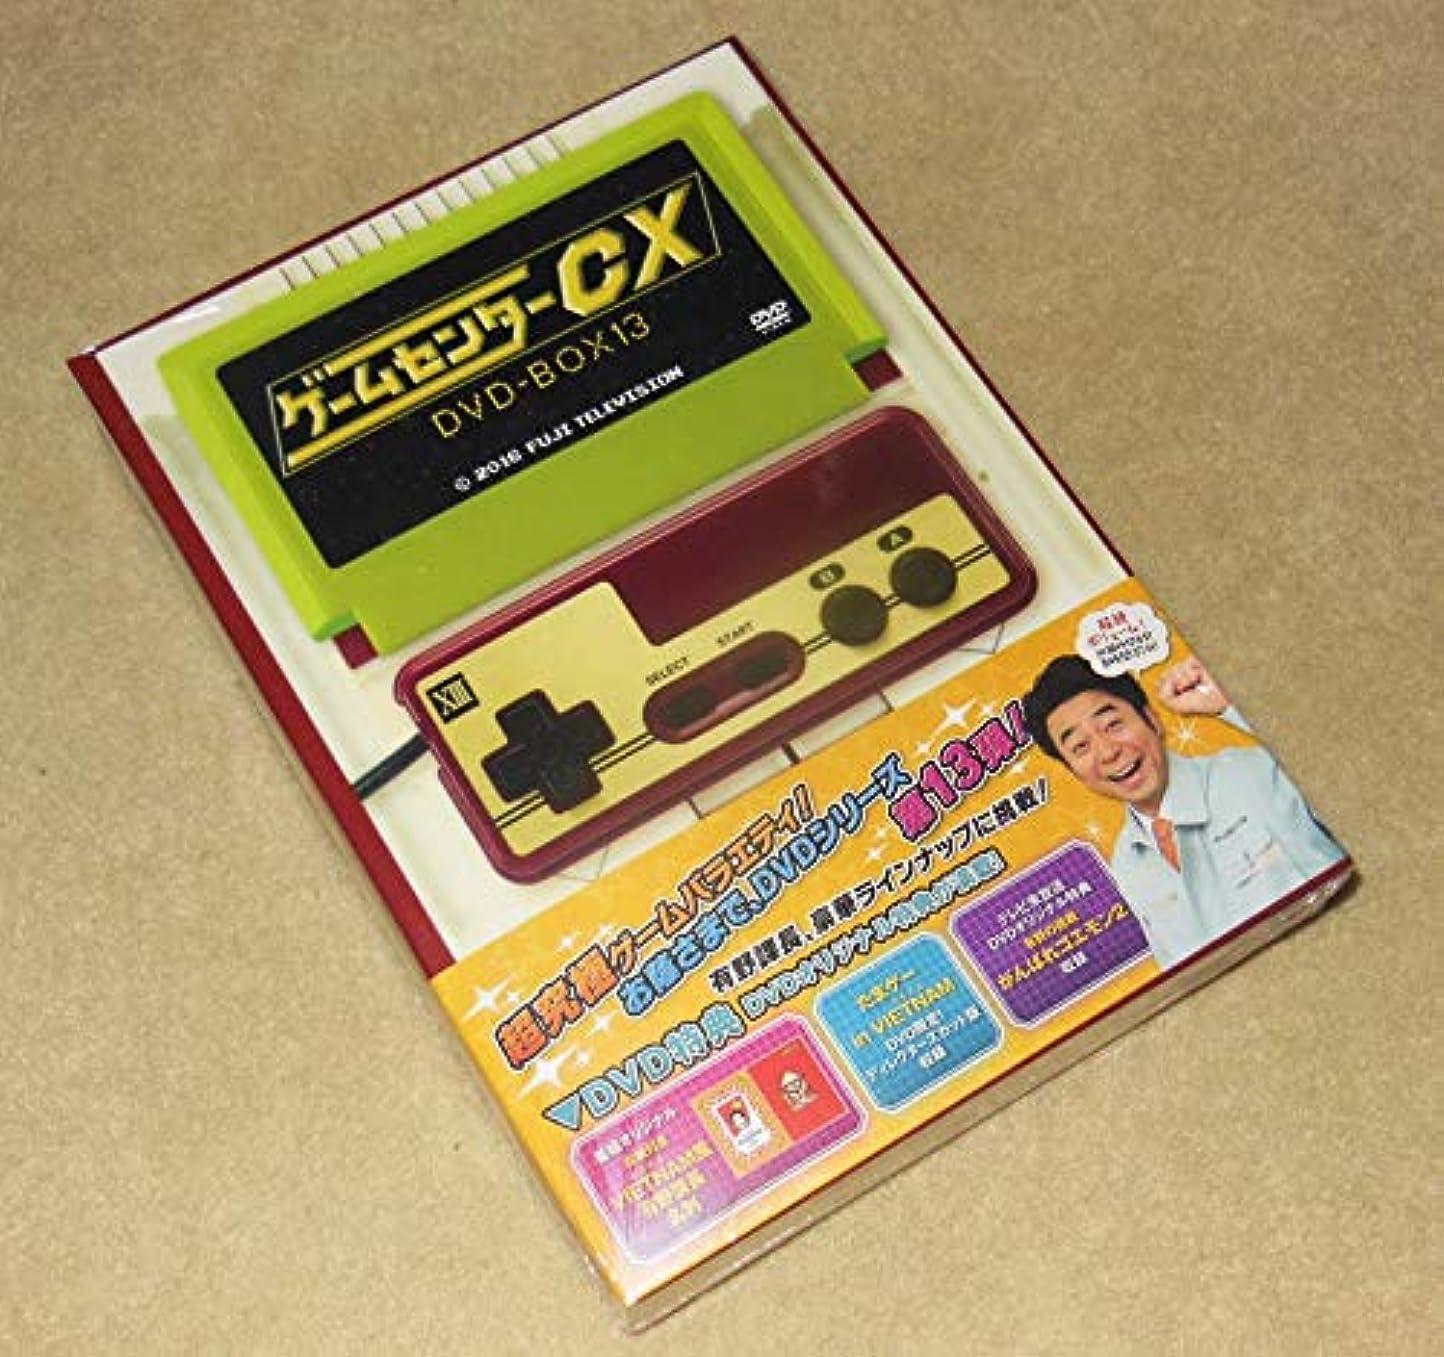 急性を通してスマッシュゲームセンターCX DVD-BOX13 2枚組